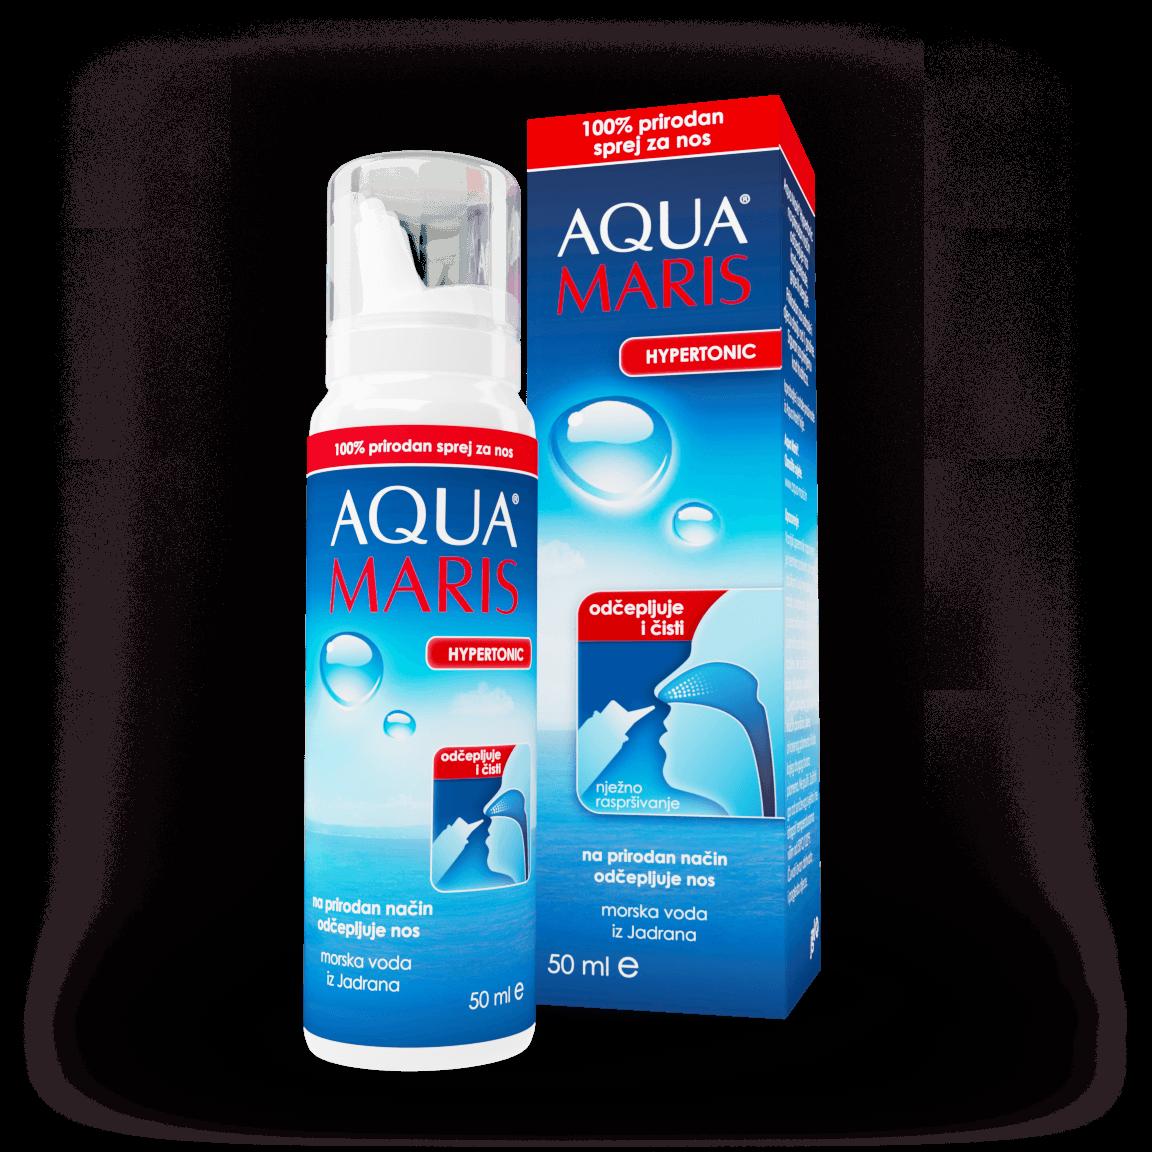 Aqua Maris Hypertonic